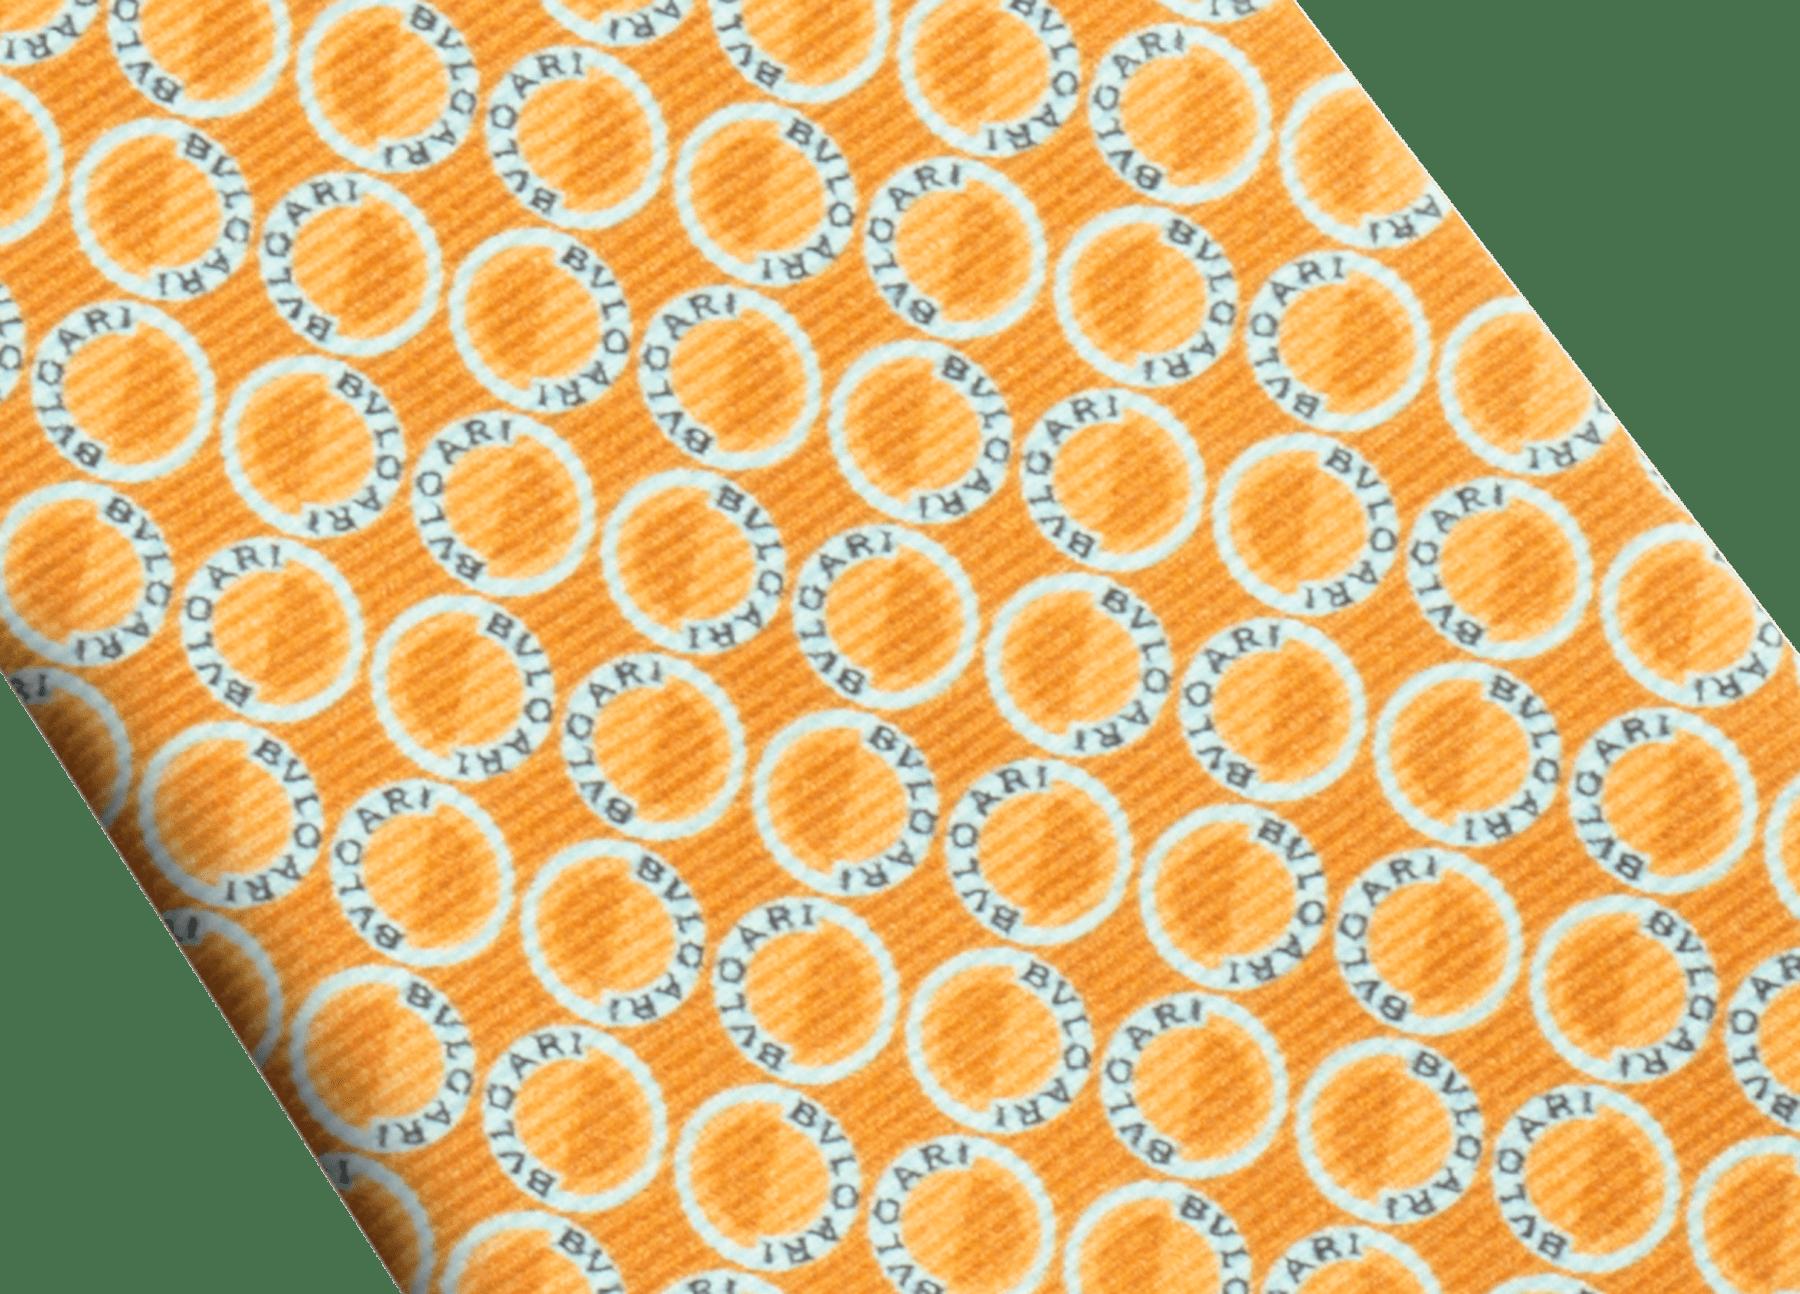 Cravate sept plis Logo Moonphase couleur safran en fine serge de soie imprimée. 243616 image 2